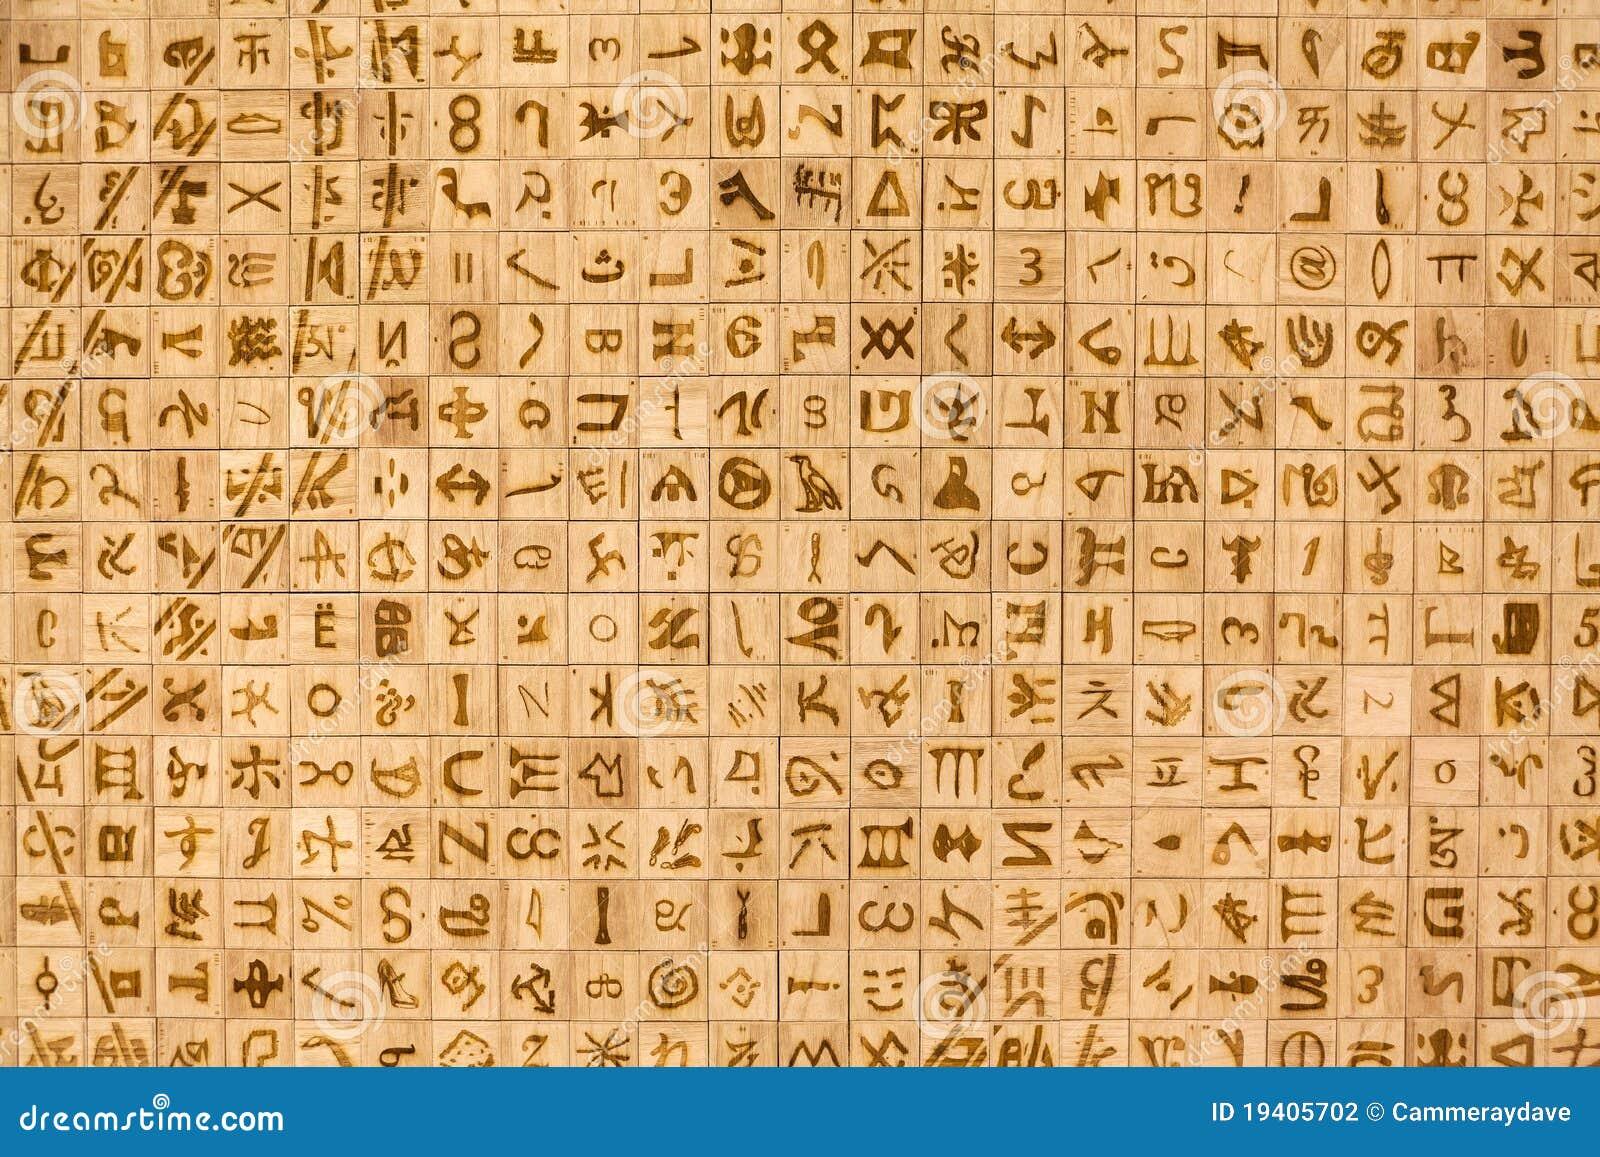 Writing Symbols Stock Photo Image Of Secret Symbols 19405702